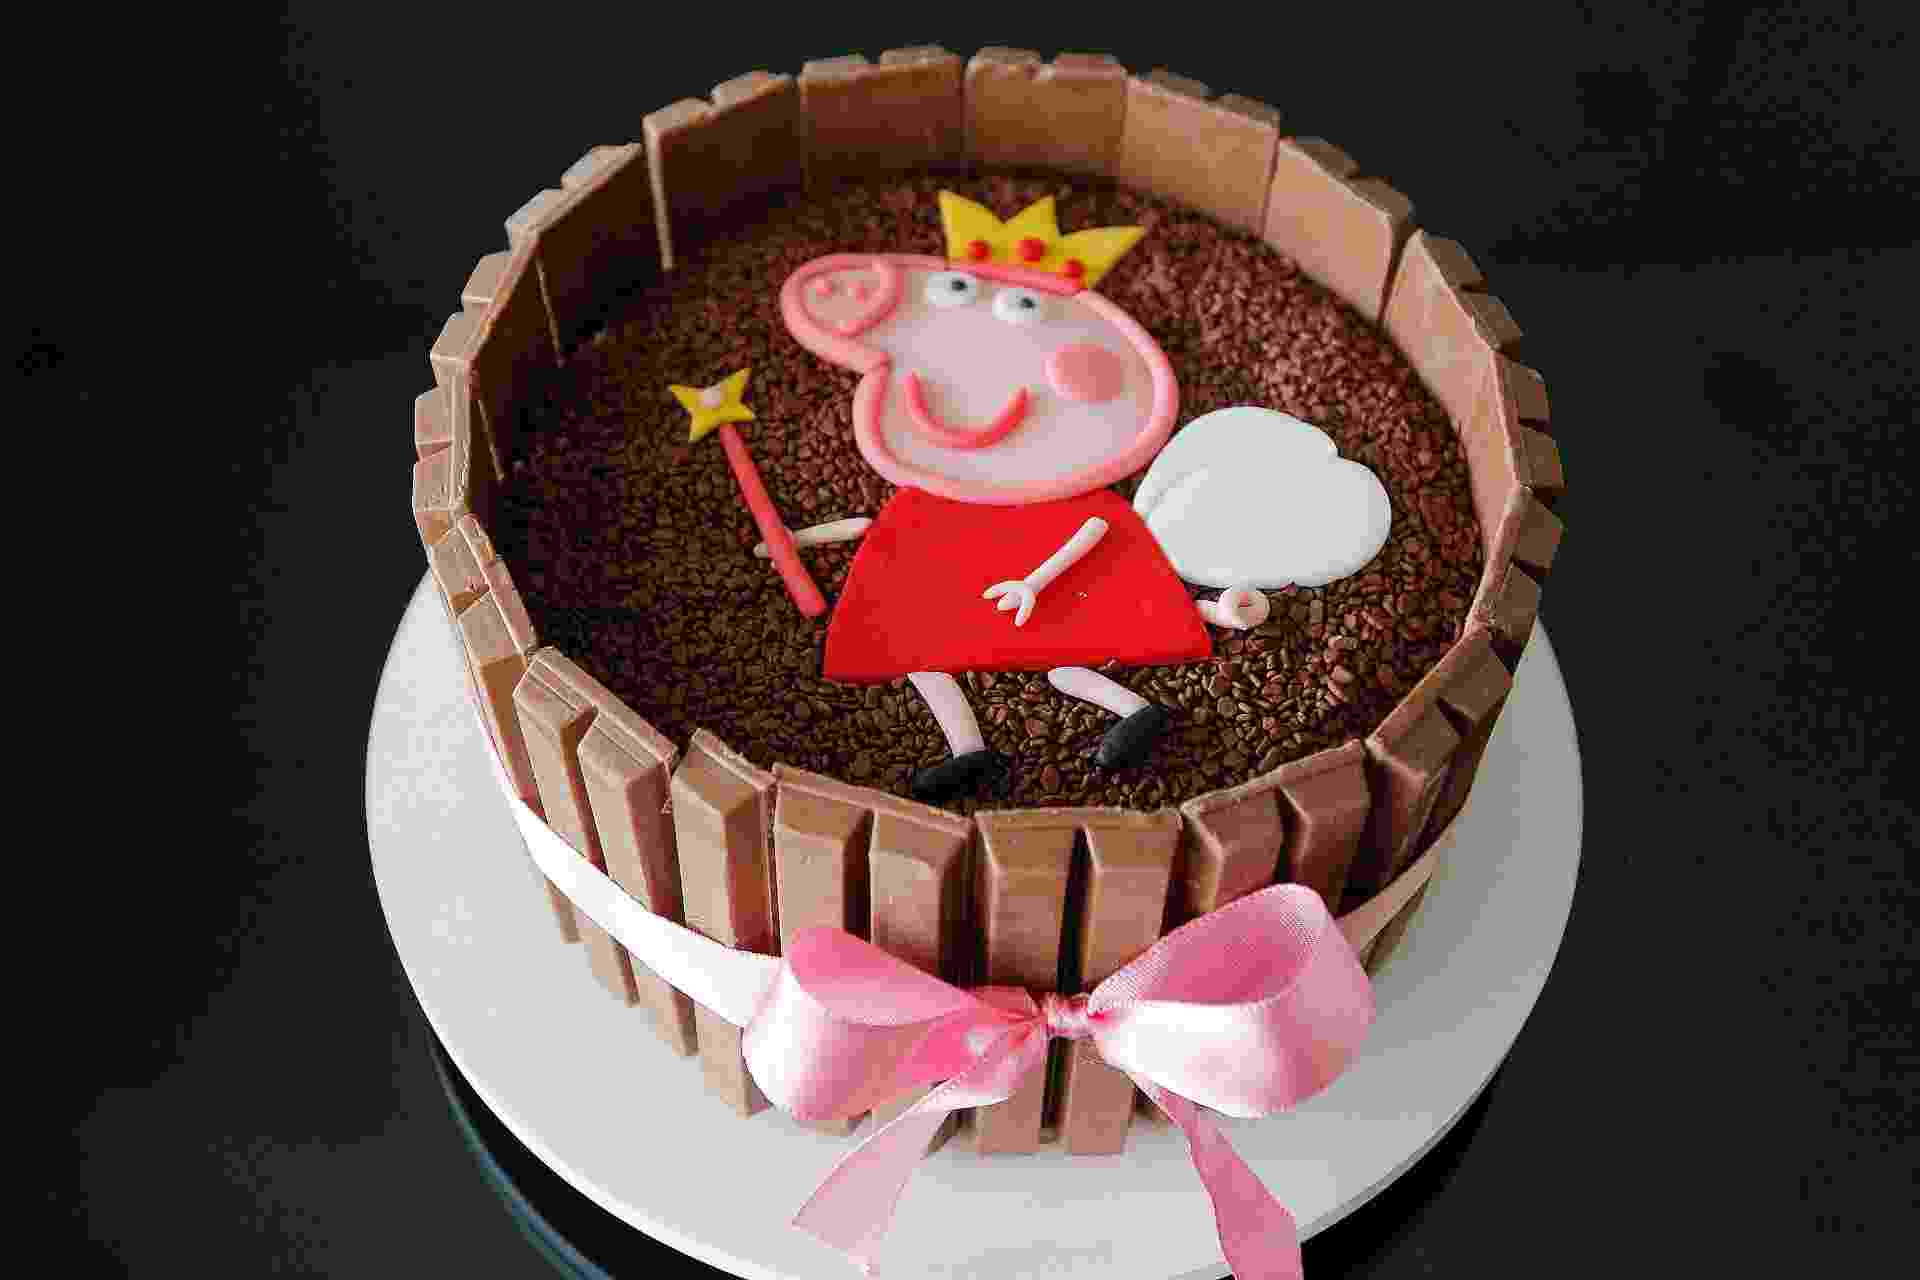 Os bolos decorados com Kit Kat são uma febre e fazem bonito na mesa de aniversário. A confeiteira Bianca Vieira (tel. 11 3842-6772) ensina uma forma simples de confeitar combinando as barras de chocolate com a porquinha Peppa Pig. Veja o passo a passo a seguir   Por Livia Valim - Do UOL, em São Paulo - Reinaldo Canato/UOL